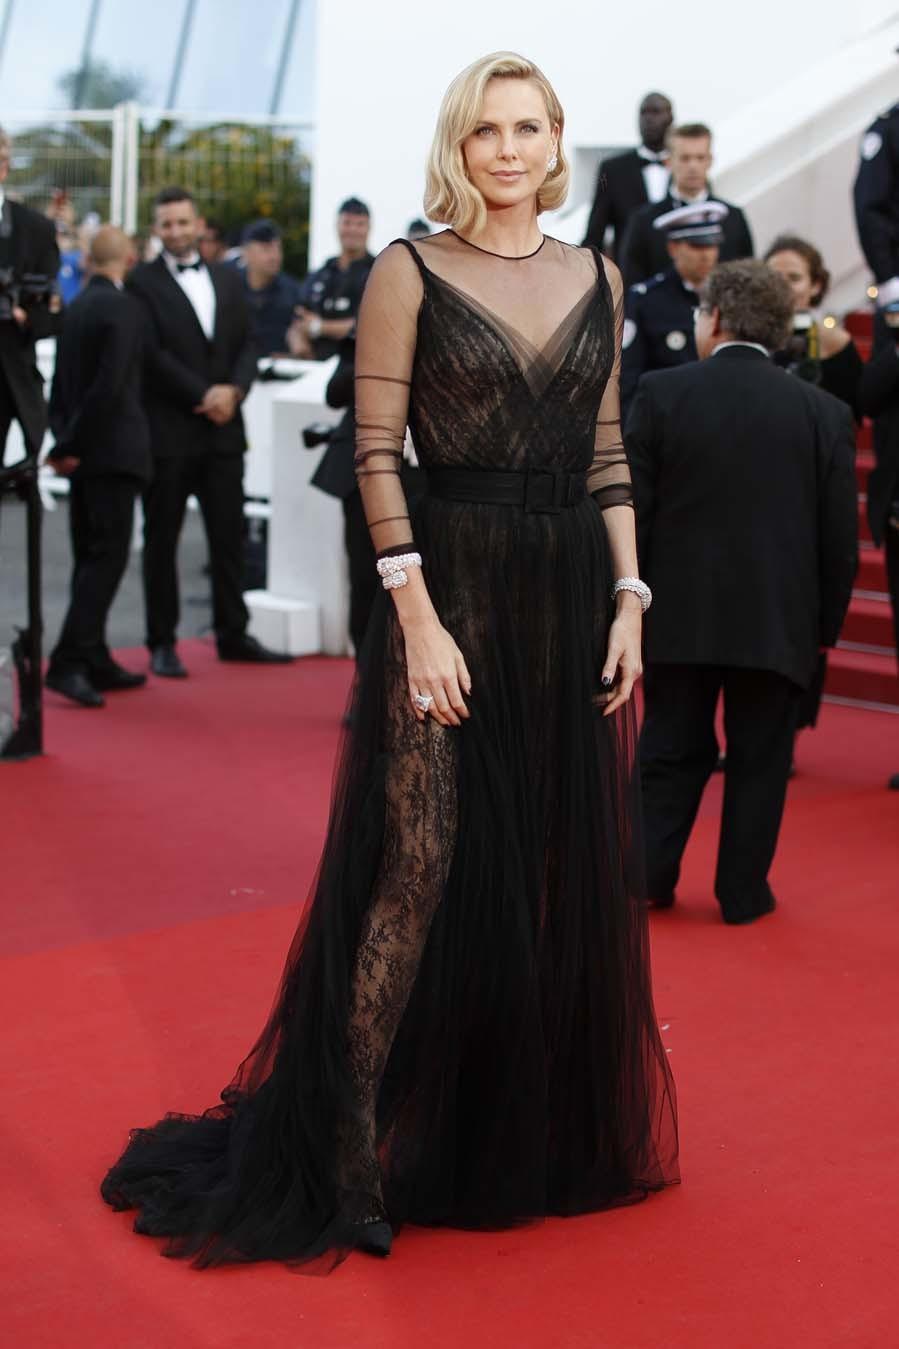 Charlize Theron en la celebración del 70 aniversario de Cannes